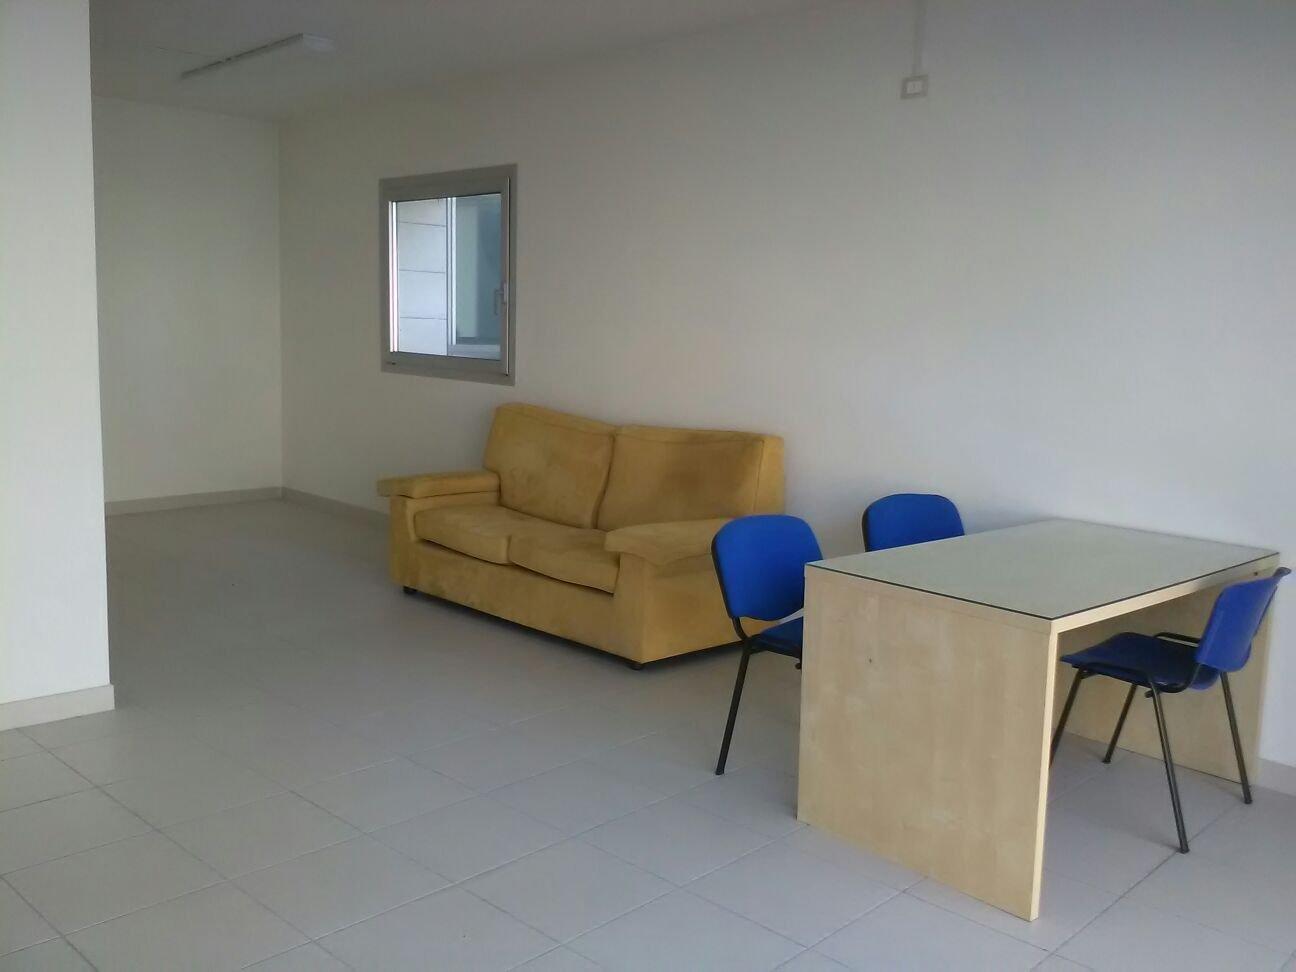 Ufficio in affitto commerciale a San Piero A Grado, Pisa